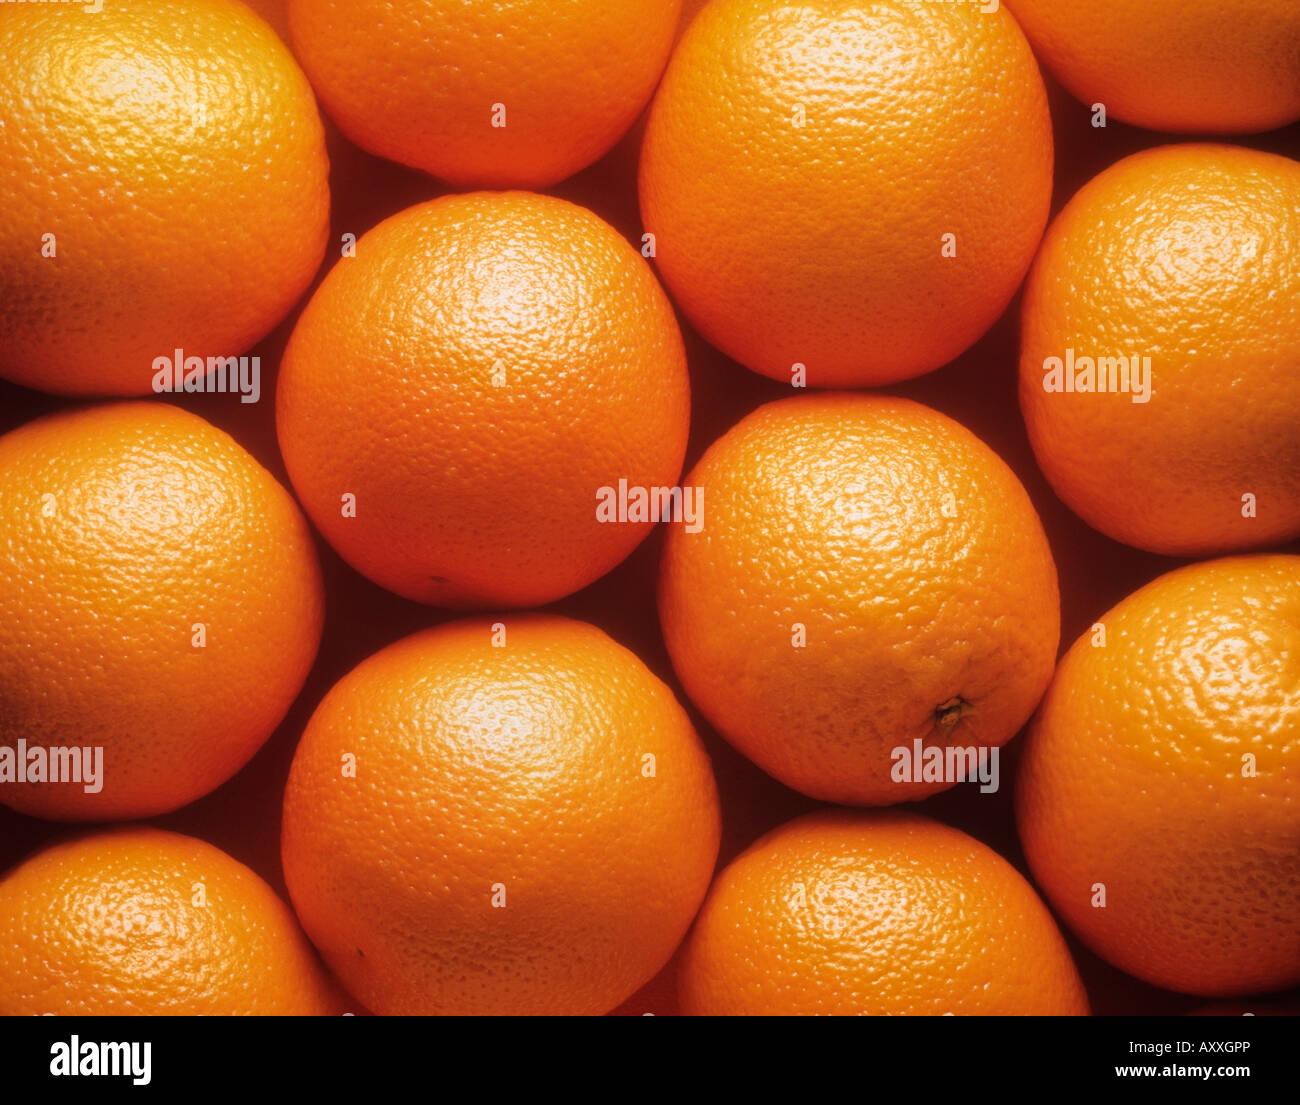 Naranja, naranja Citrus sinensis, Citrus sinensis Imagen De Stock